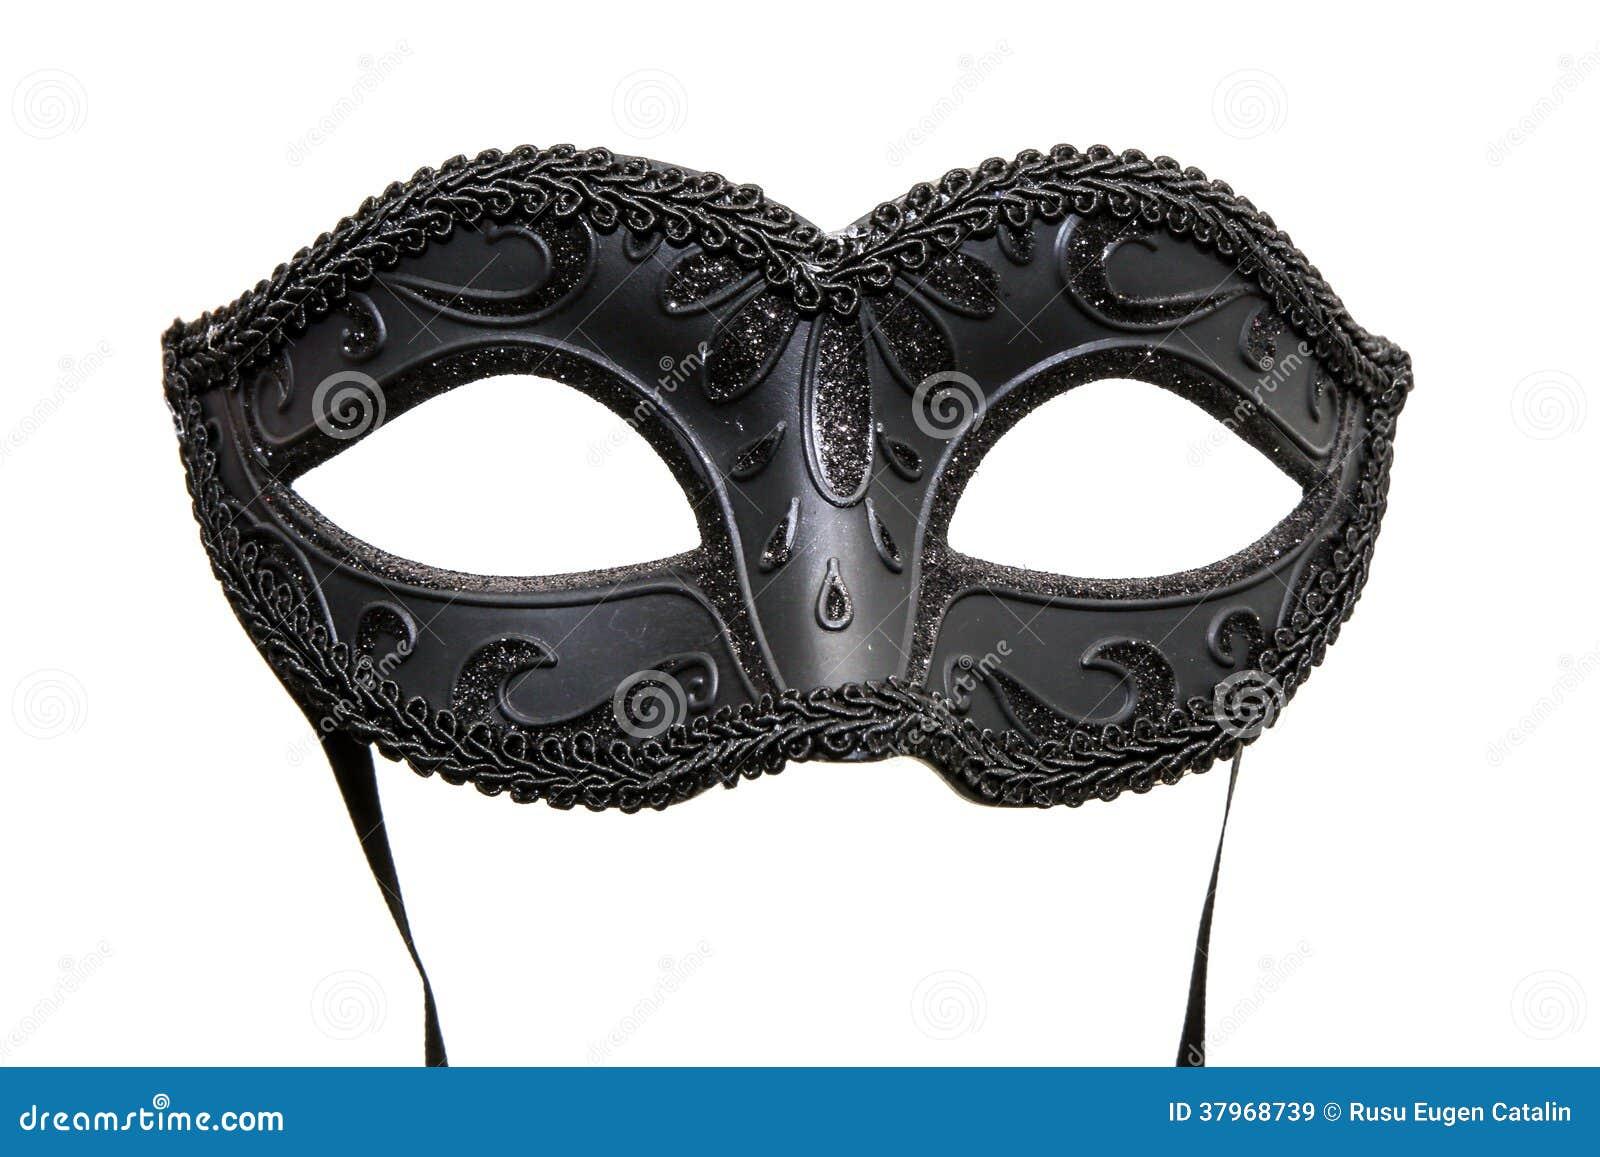 maschera nera di carnevale immagini stock libere da